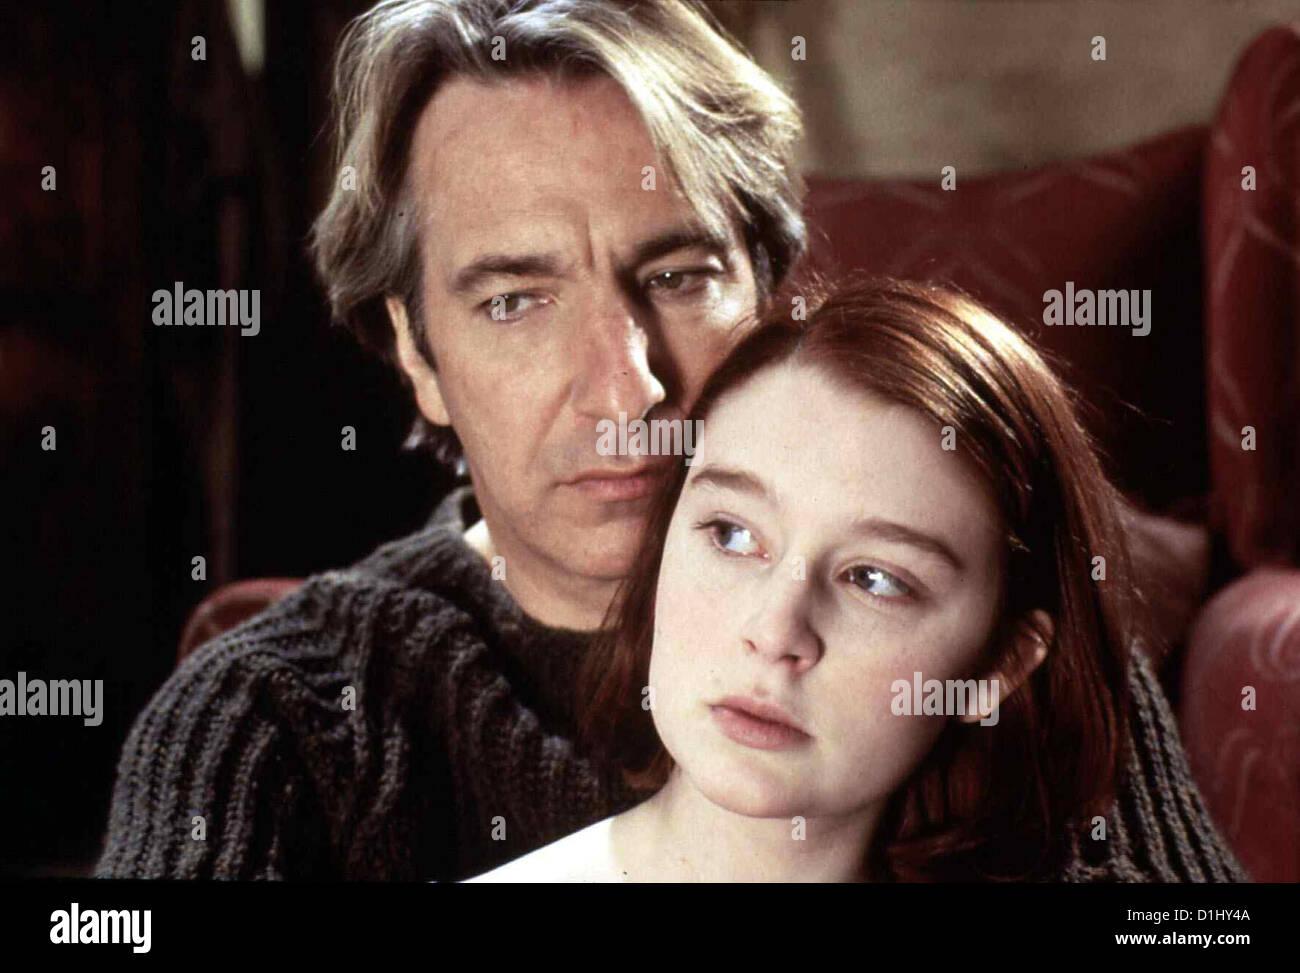 Eine Sachliche Romanze  Awfully Big Adventure,  Alan Rickman, Georgina Cates Die 16-jaehrige Stella (Georgina Cates) - Stock Image